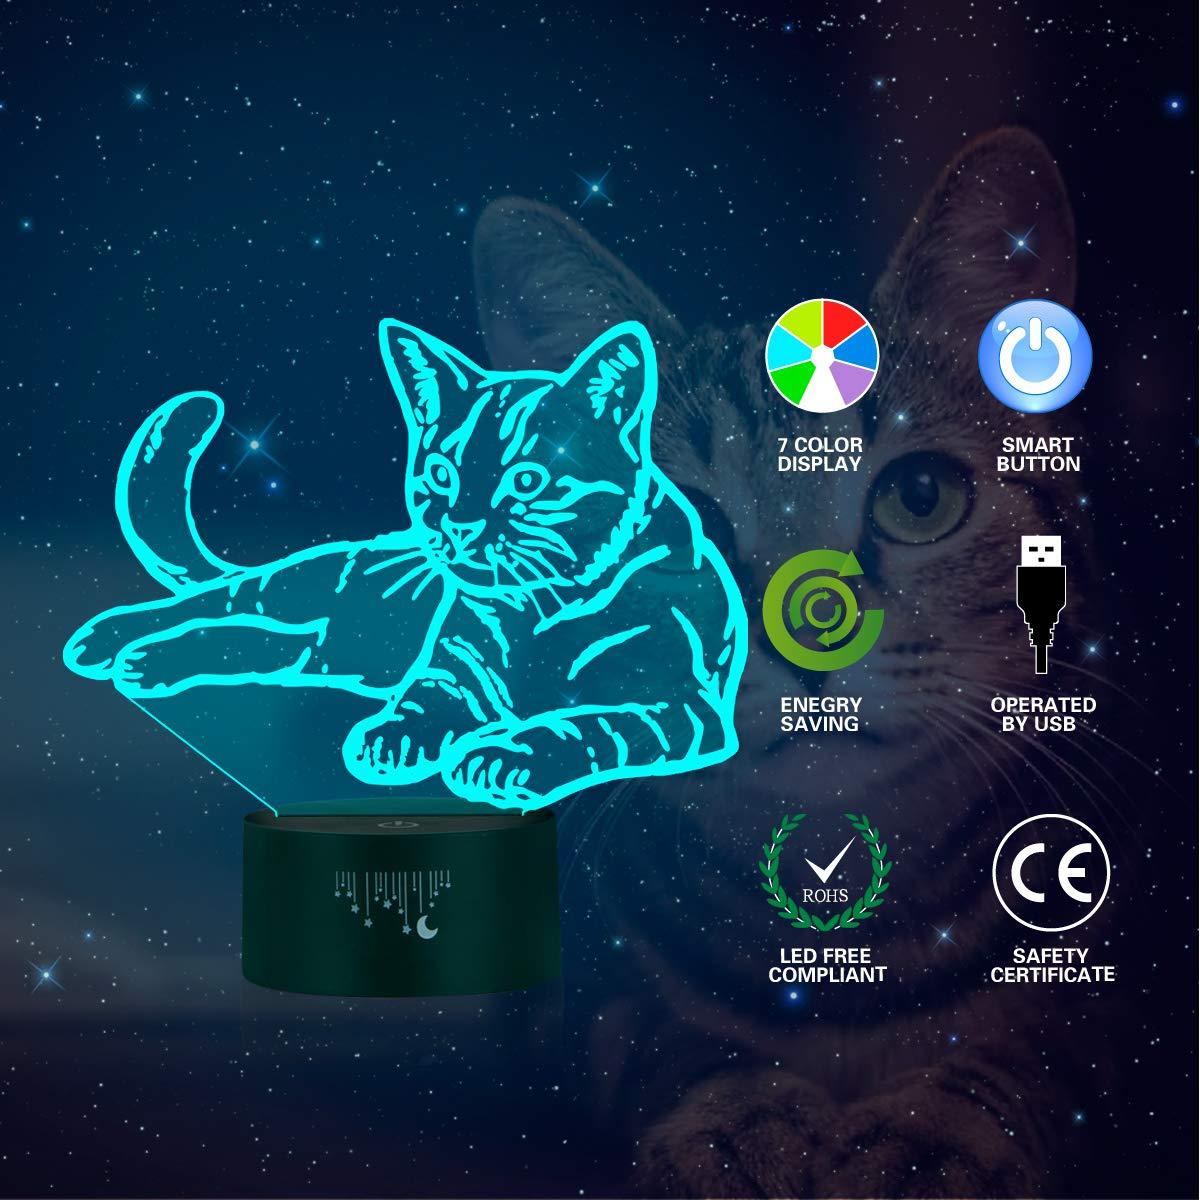 Acryl Flat Und ABS Base Und USB Kabel Katze Spielzeug 3D Schreibtischlampe K/ätzchen Nacht Nachtlicht Touch Schalter 7 Farbe 3D Optische Tischlampe Wohnzimmer Schlafzimmer 3D Dekorative Lichter